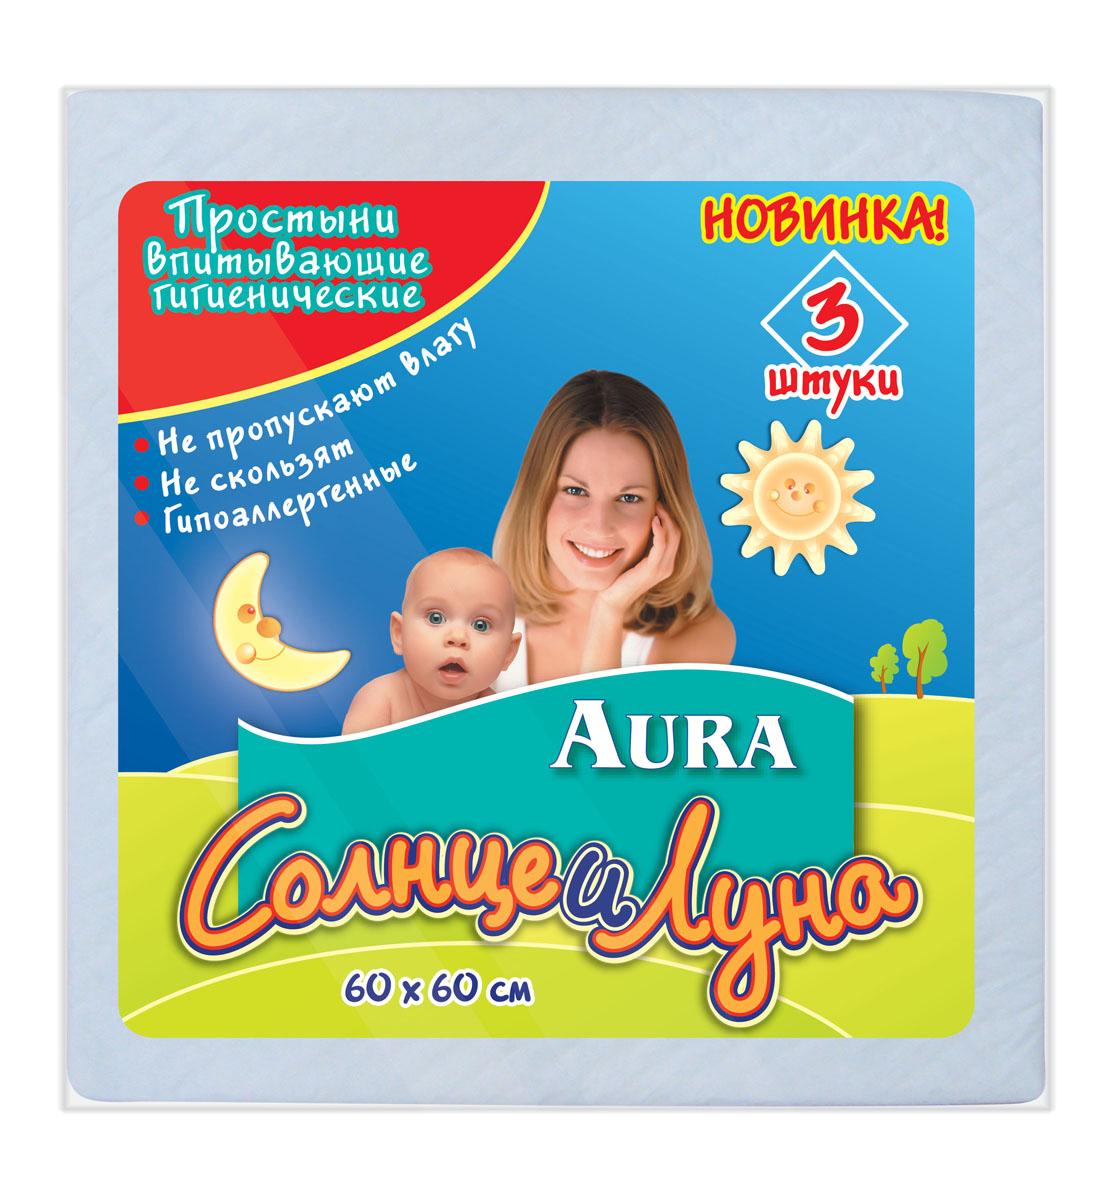 Простыни впитывающие гигиенические Aura Солнце и Луна, 60 см х 60 см, 3 шт ловулар простыни впитывающие детские 60х90см 16шт